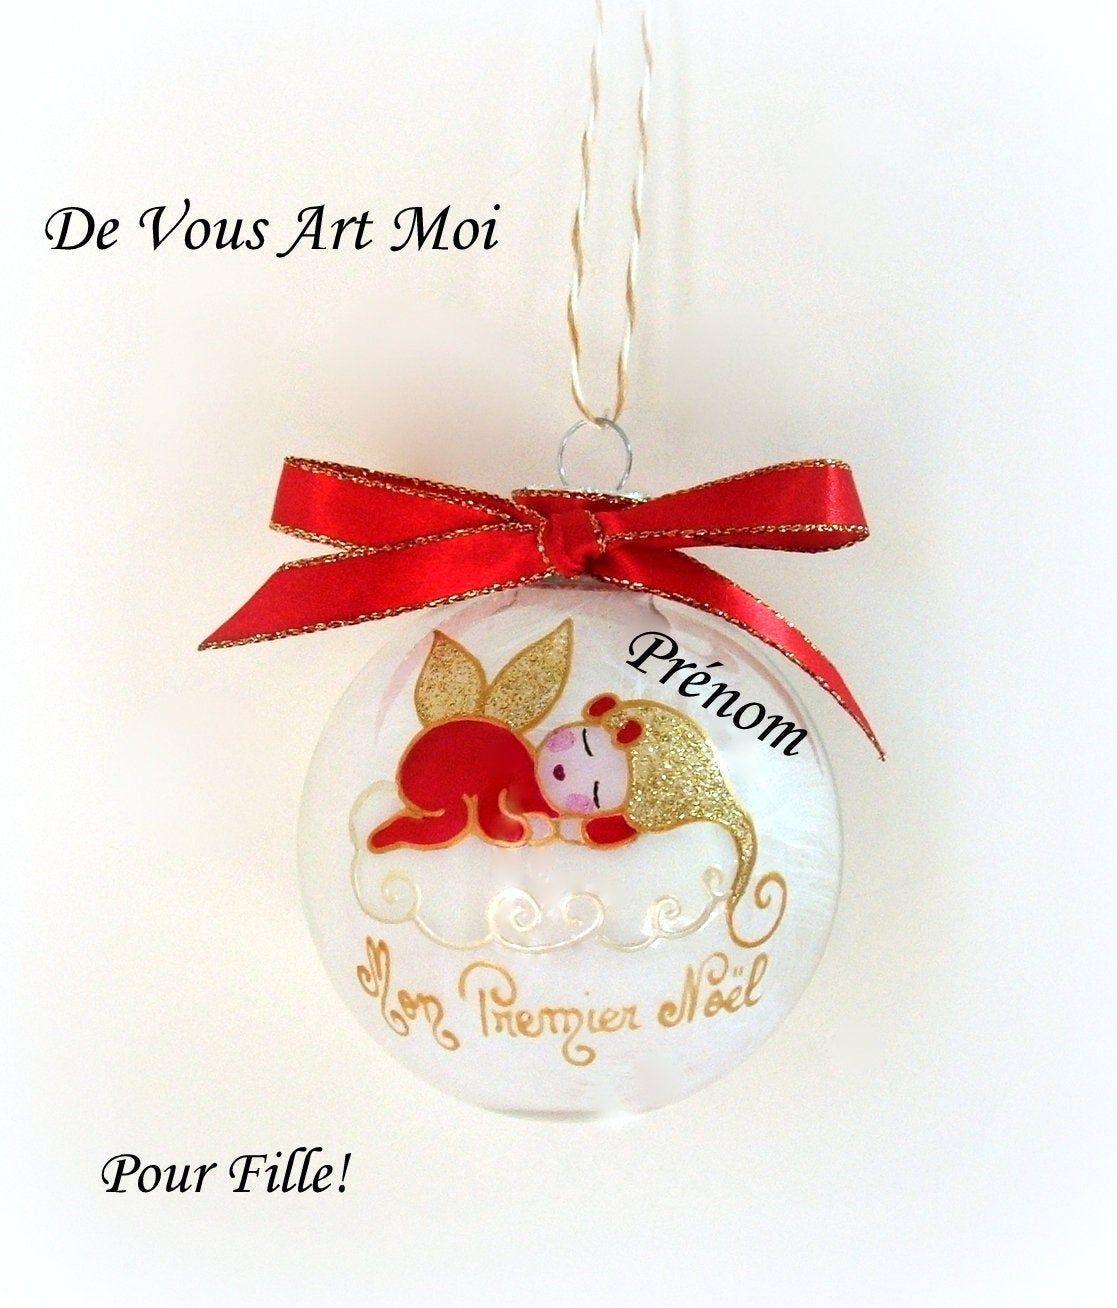 Épinglé par devousartmoi sur Boule de Noël personnalisées pour